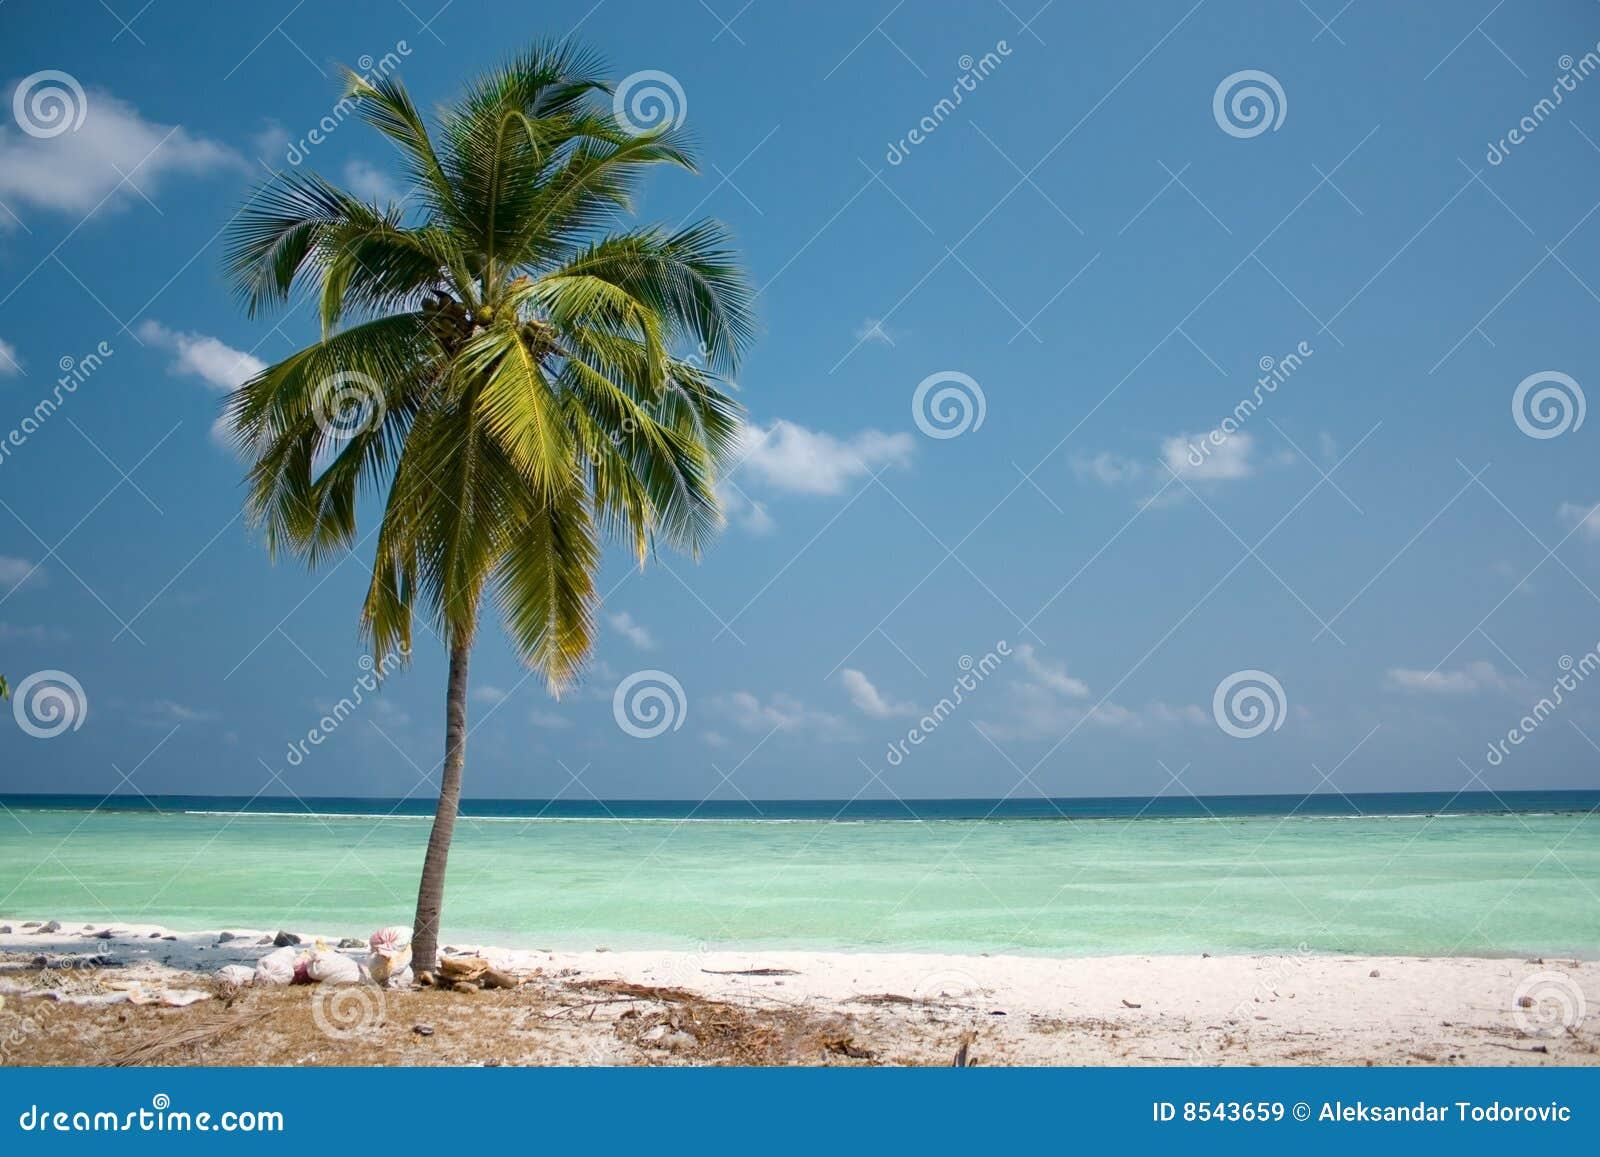 insel paradies palme stockbild bild von hei hintergrund 8543659. Black Bedroom Furniture Sets. Home Design Ideas